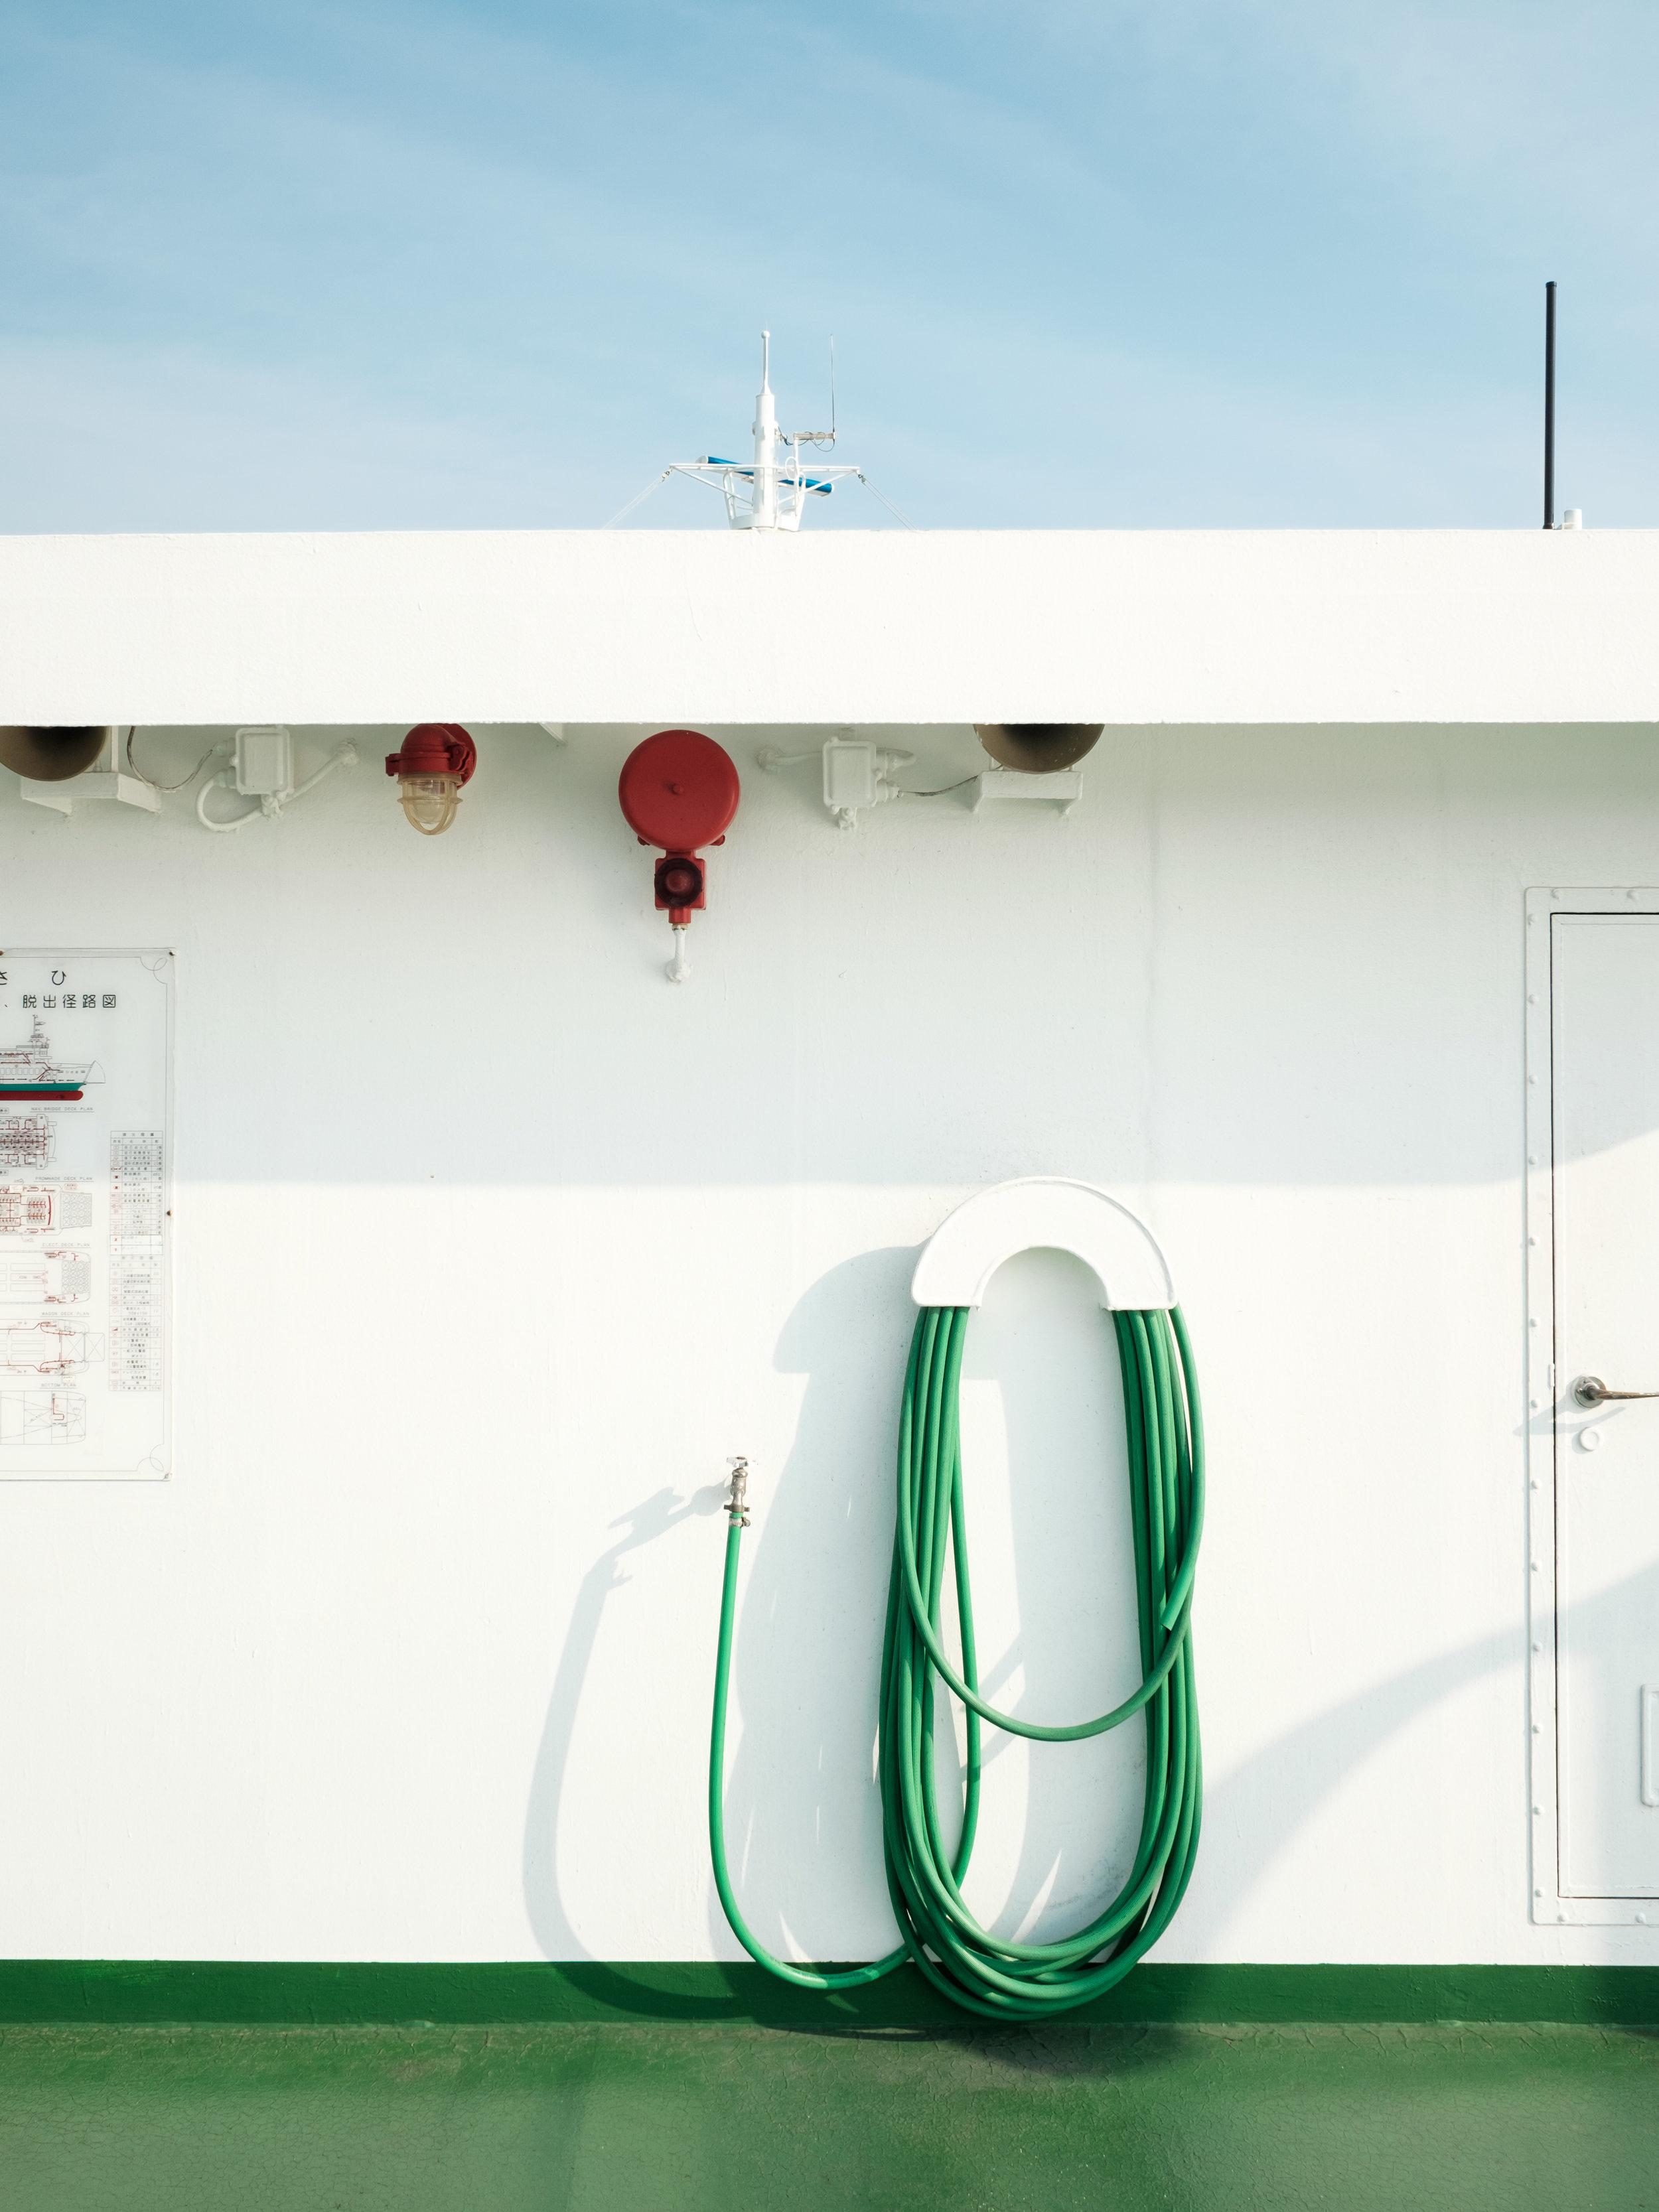 Ferry to Naoshima (II)